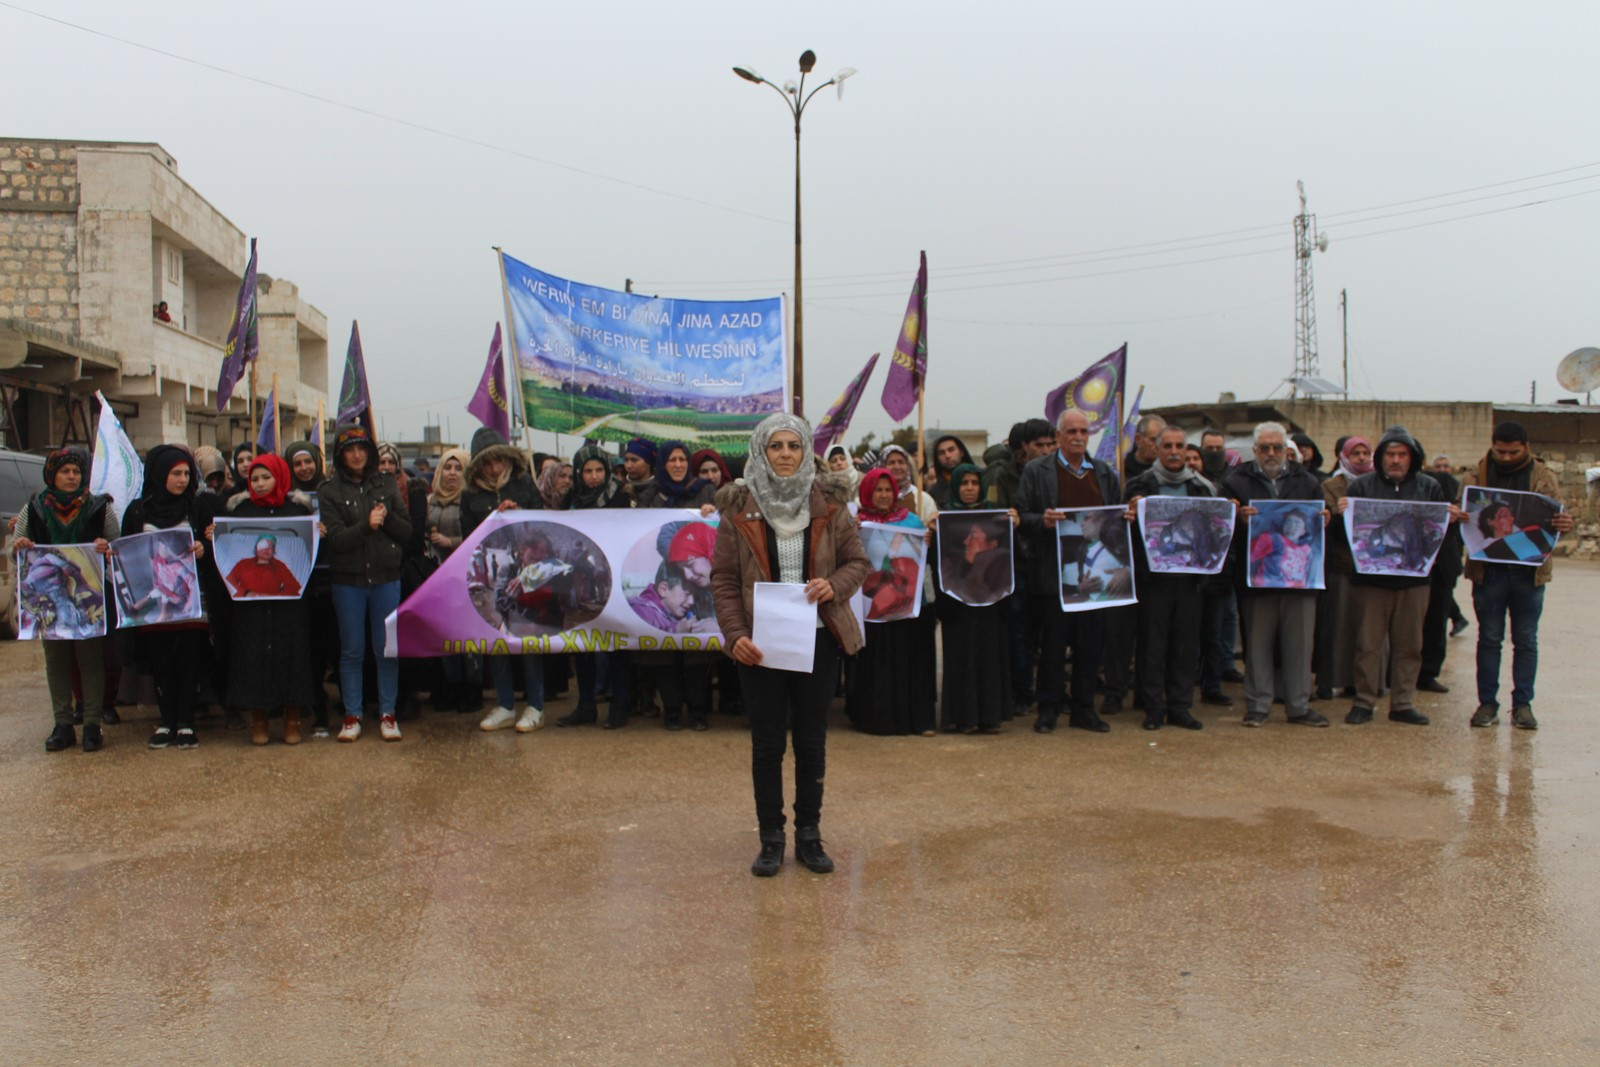 Unión de Mujeres Libres en al-Shahba denunció la ocupación y amenazas turcas a Afrin y el norte de Siria